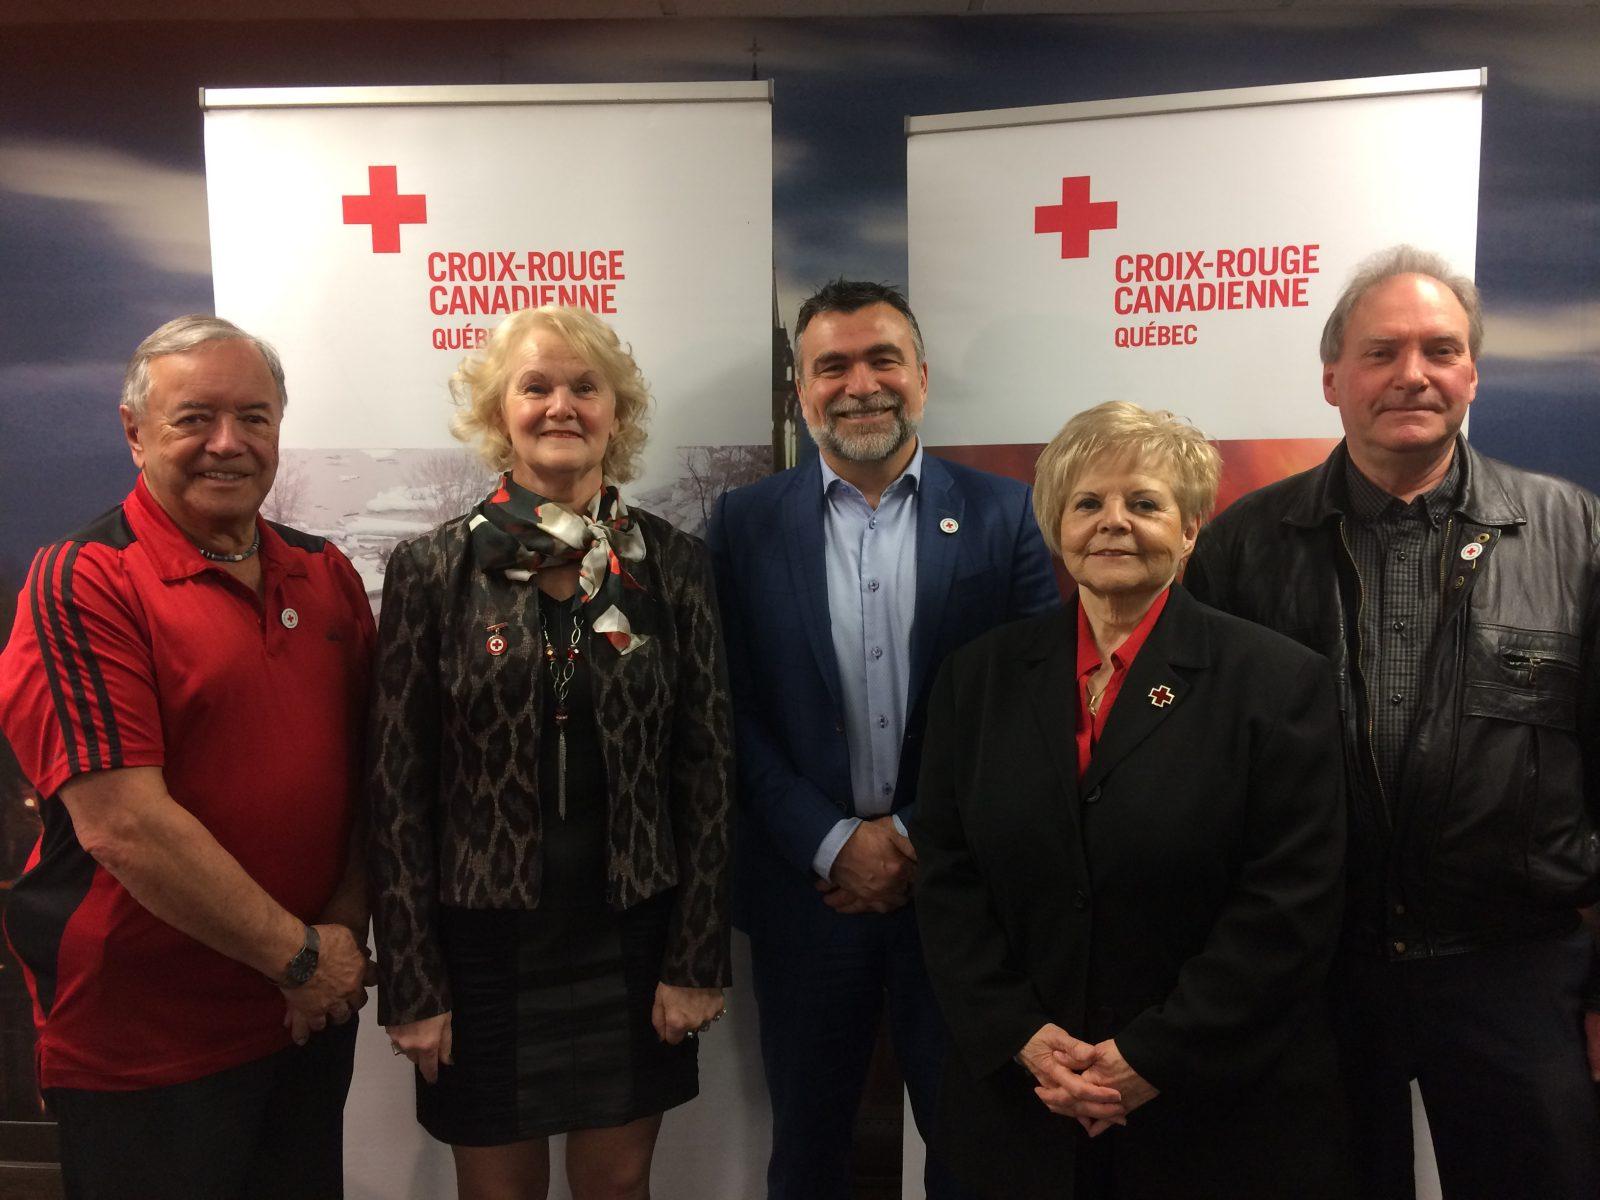 Campagne de financement de la Croix-Rouge